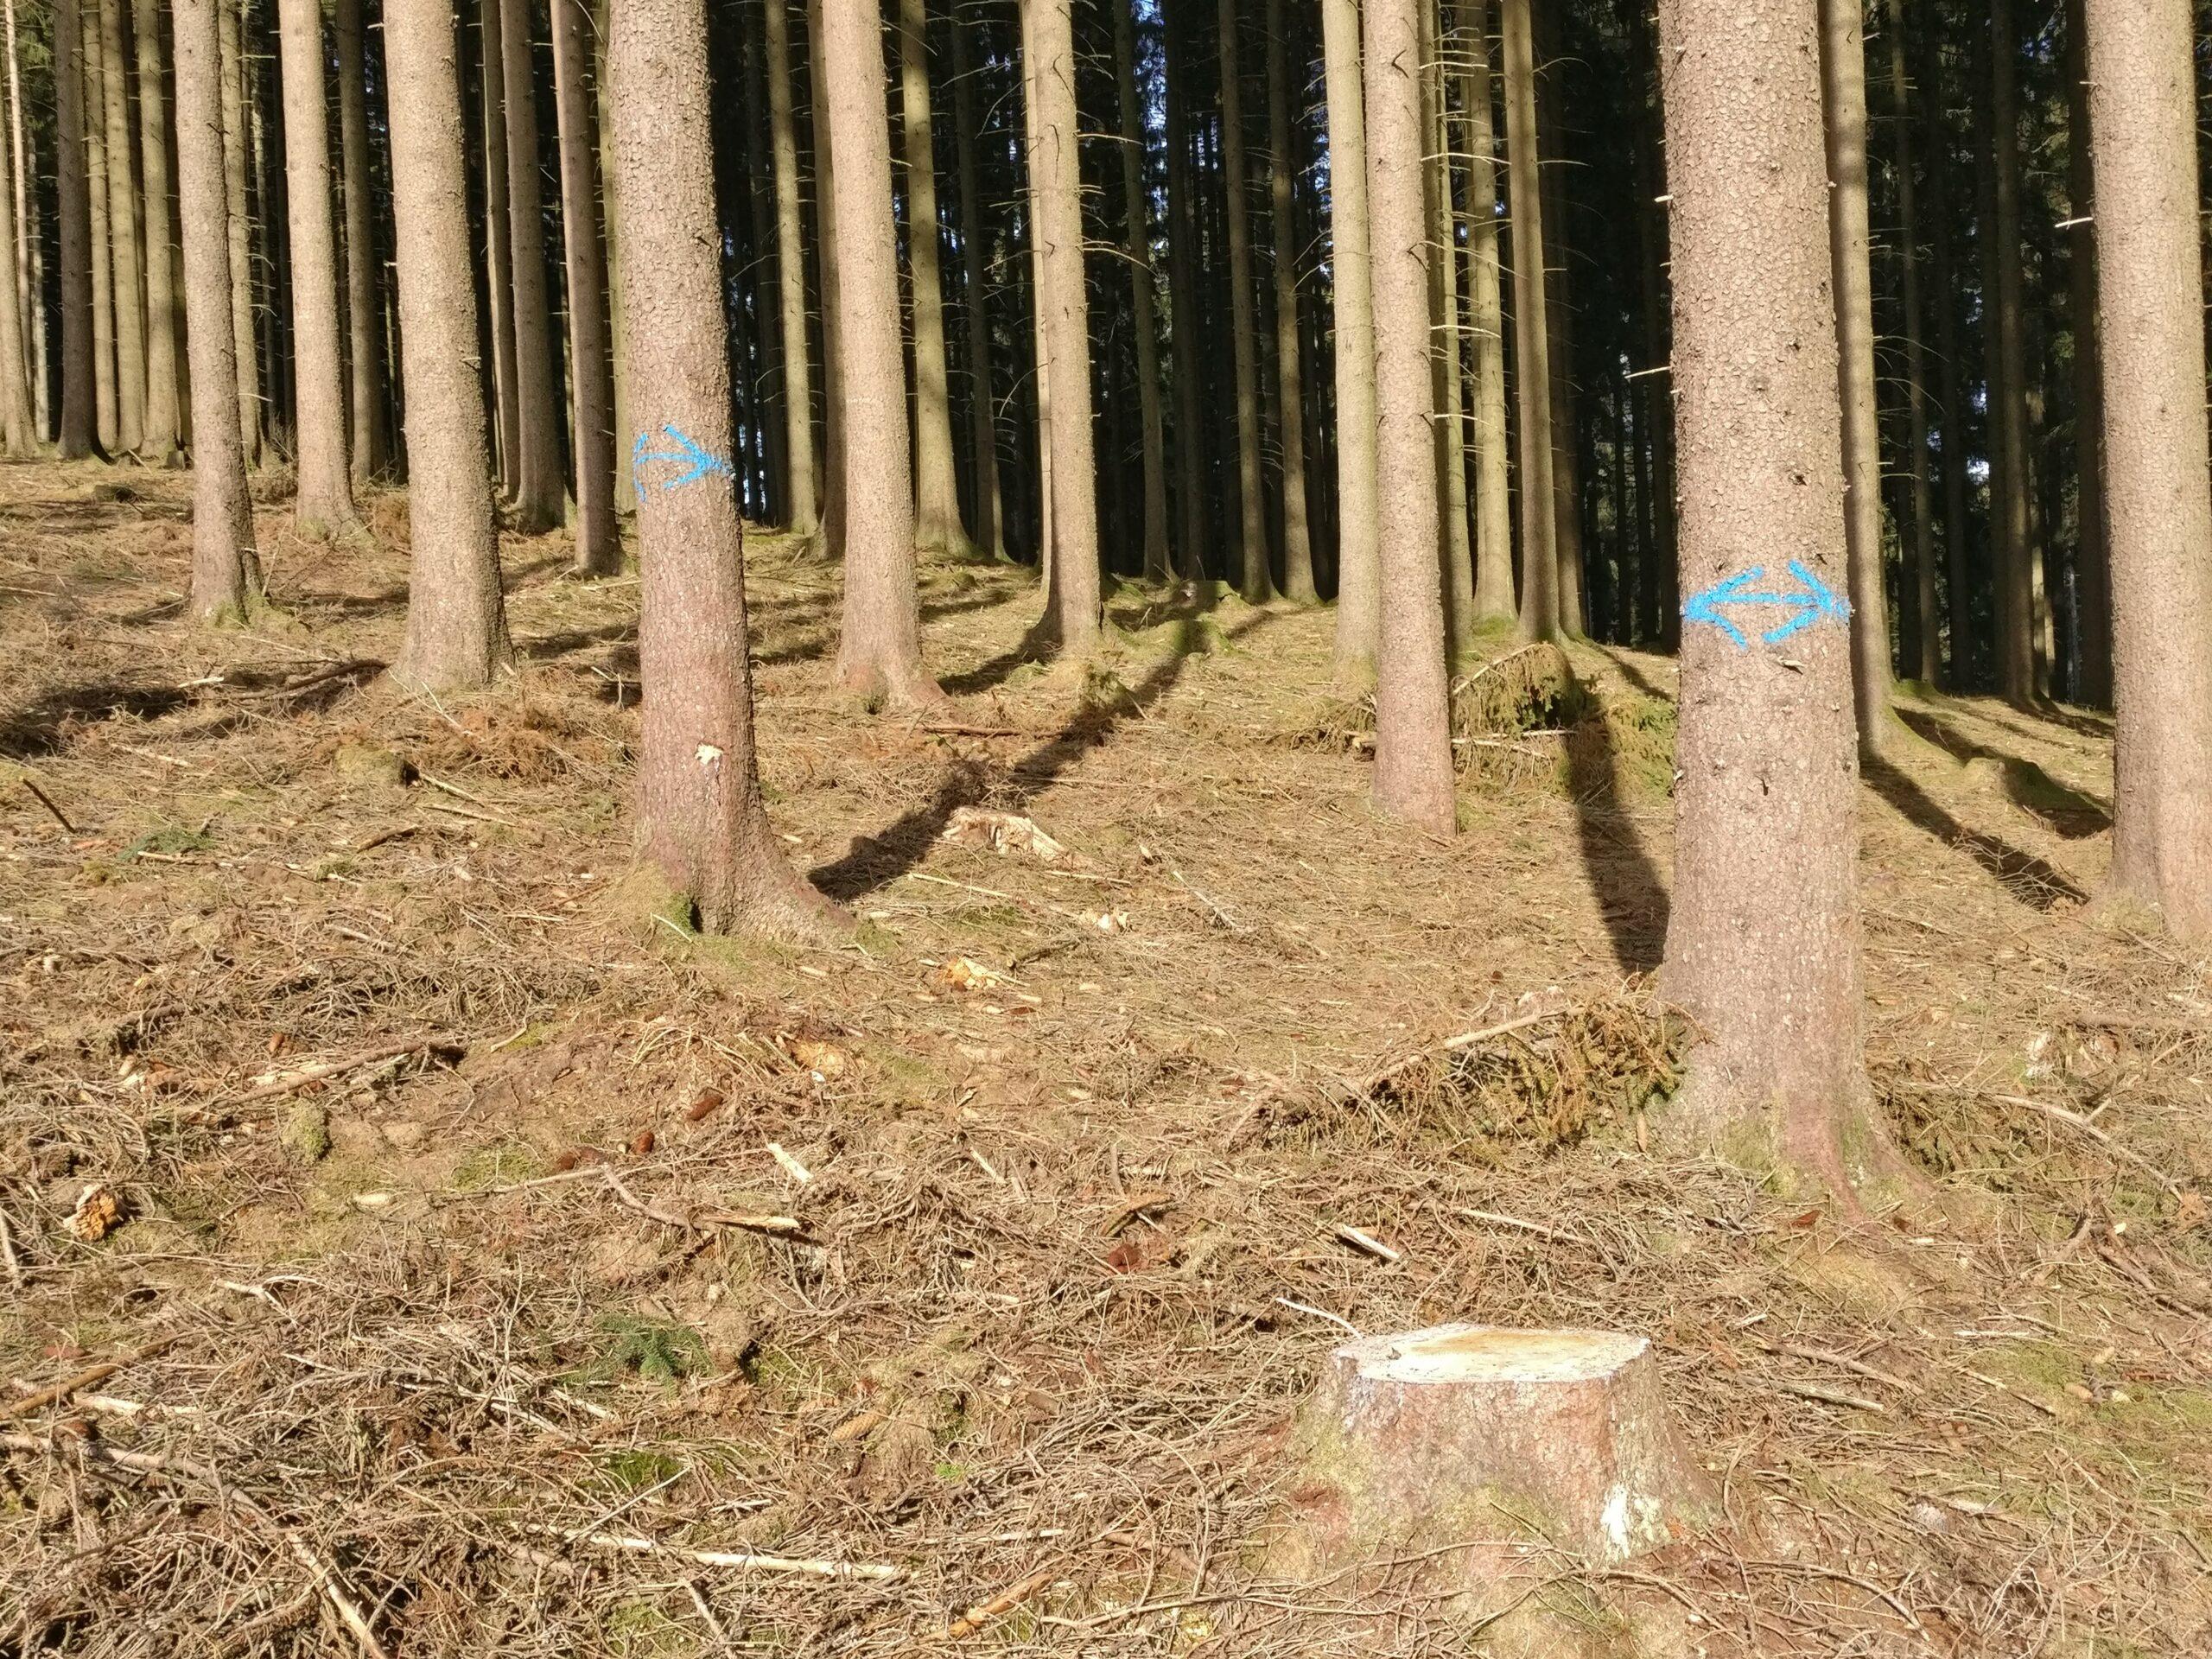 Baummarkierungen für eine Grenze